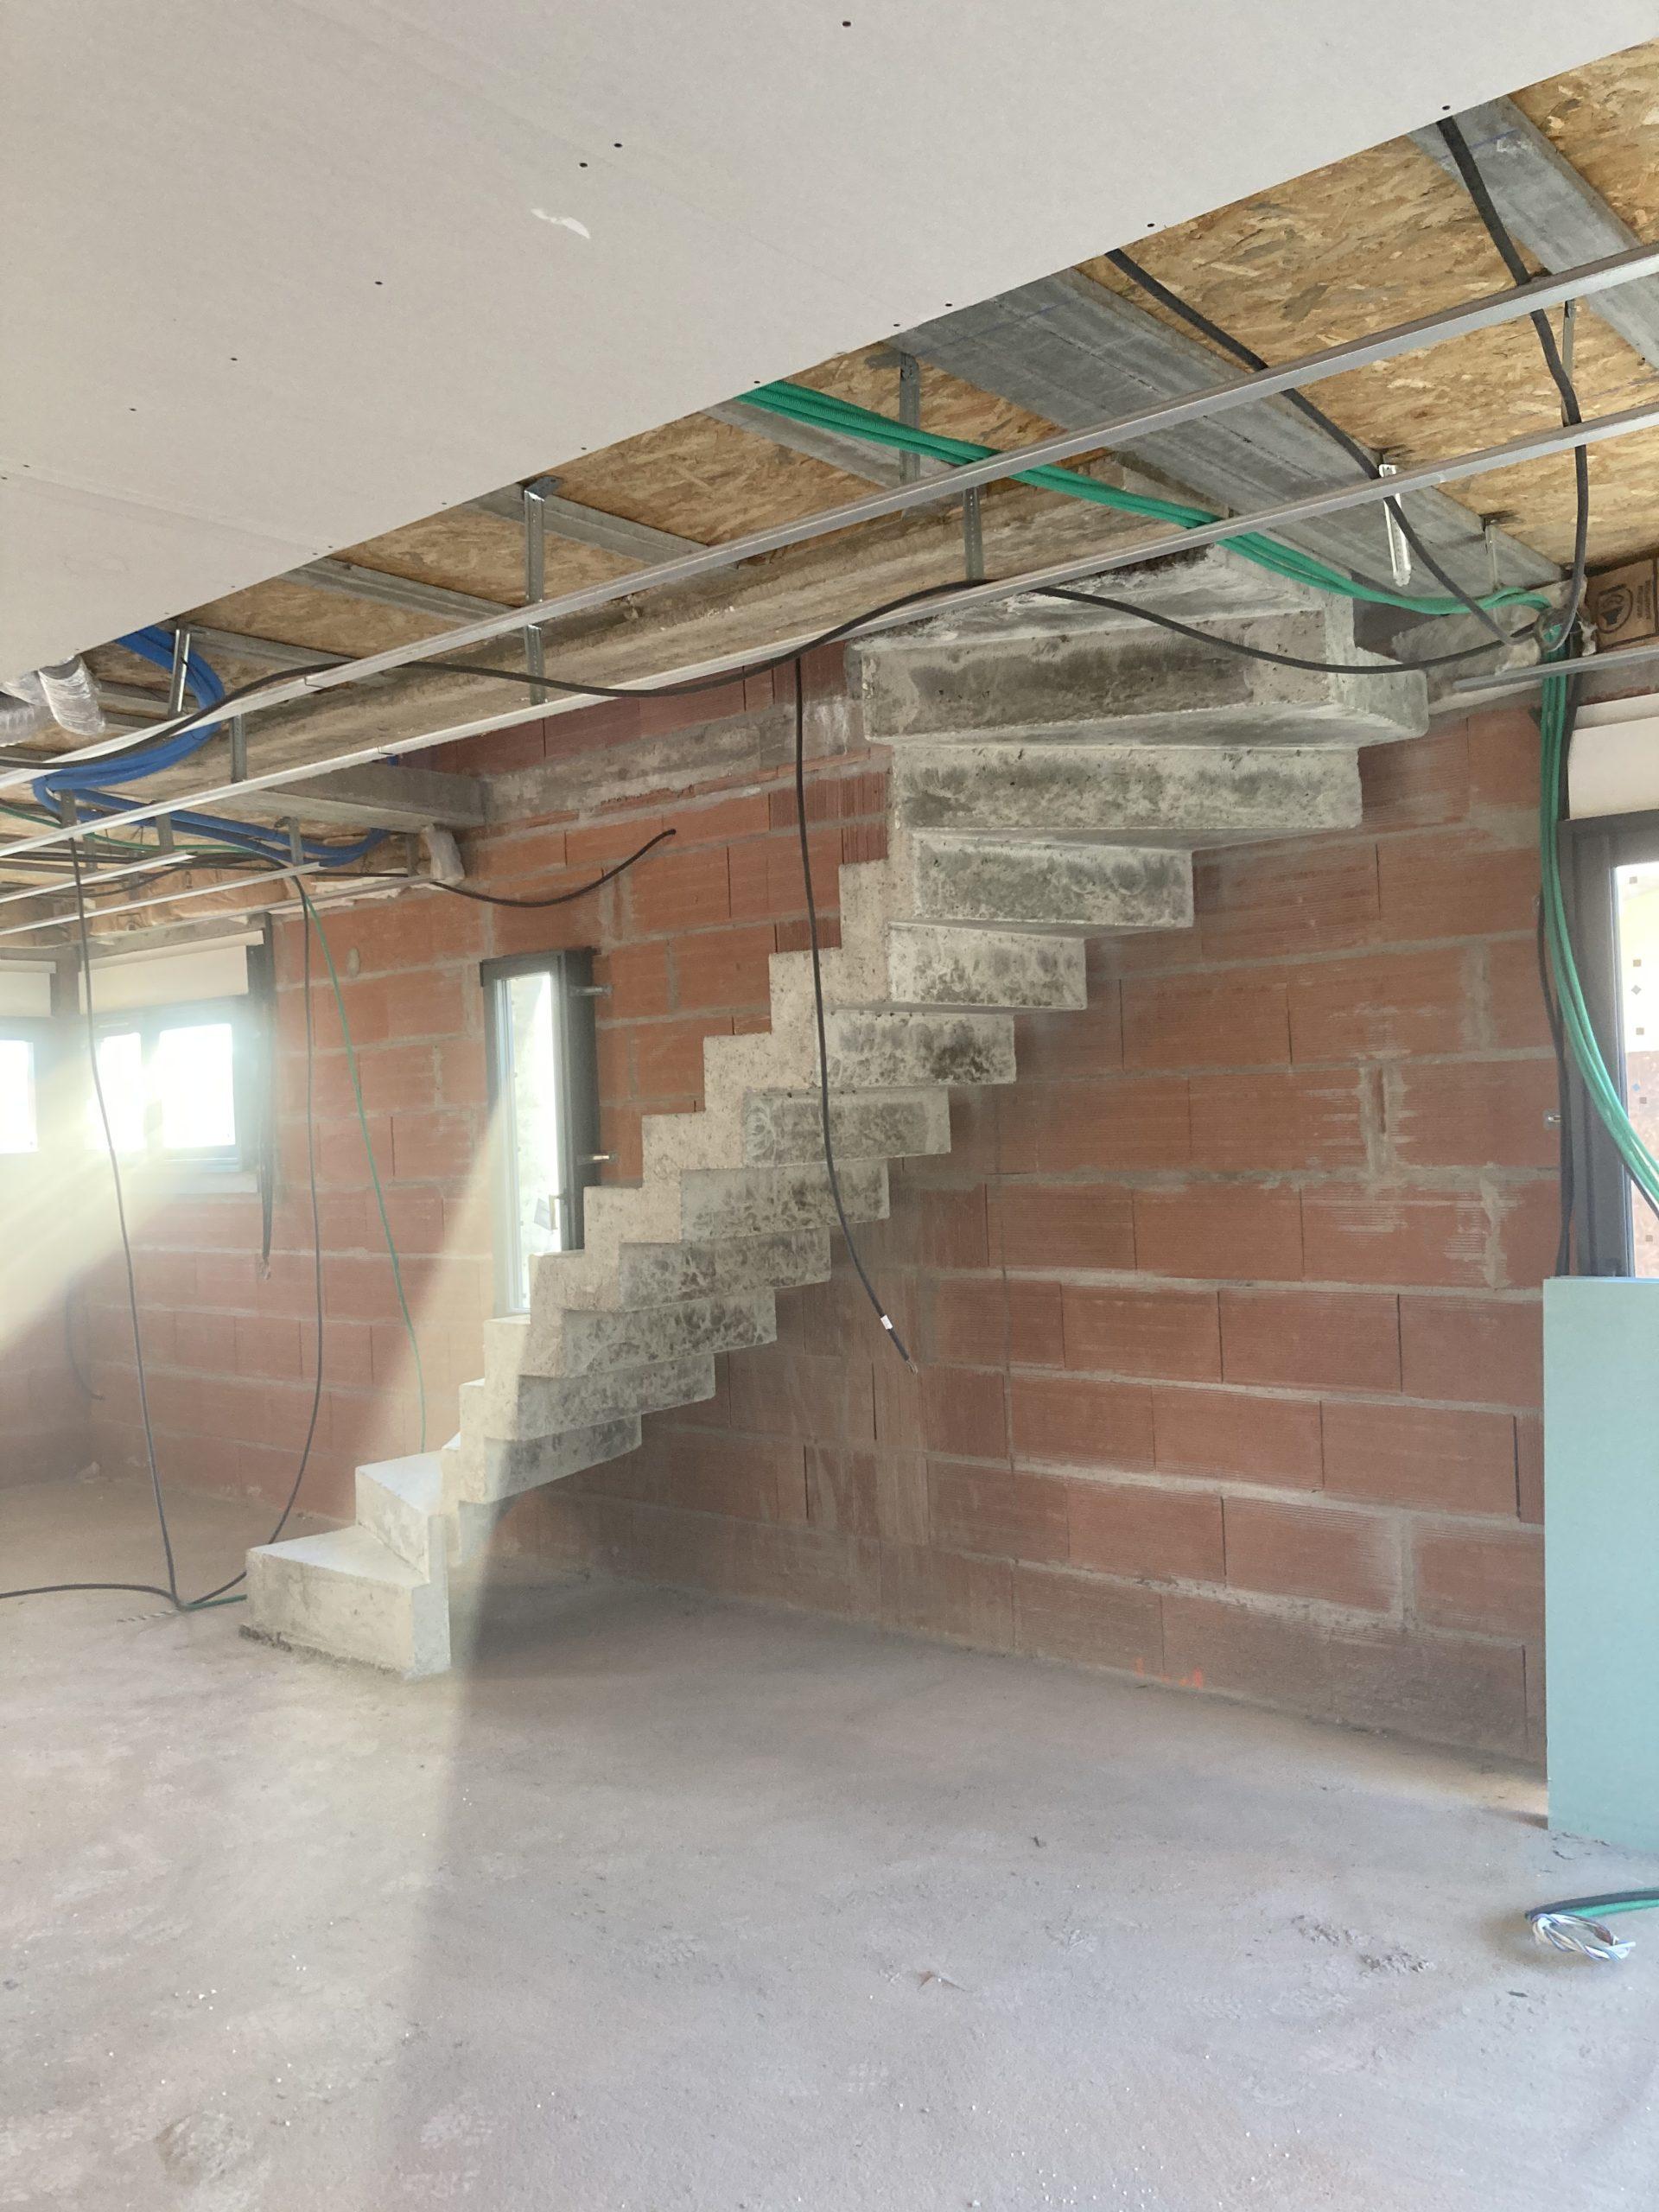 escalier béton 2/4 tournant dans une maison en construction près de Bordeaux